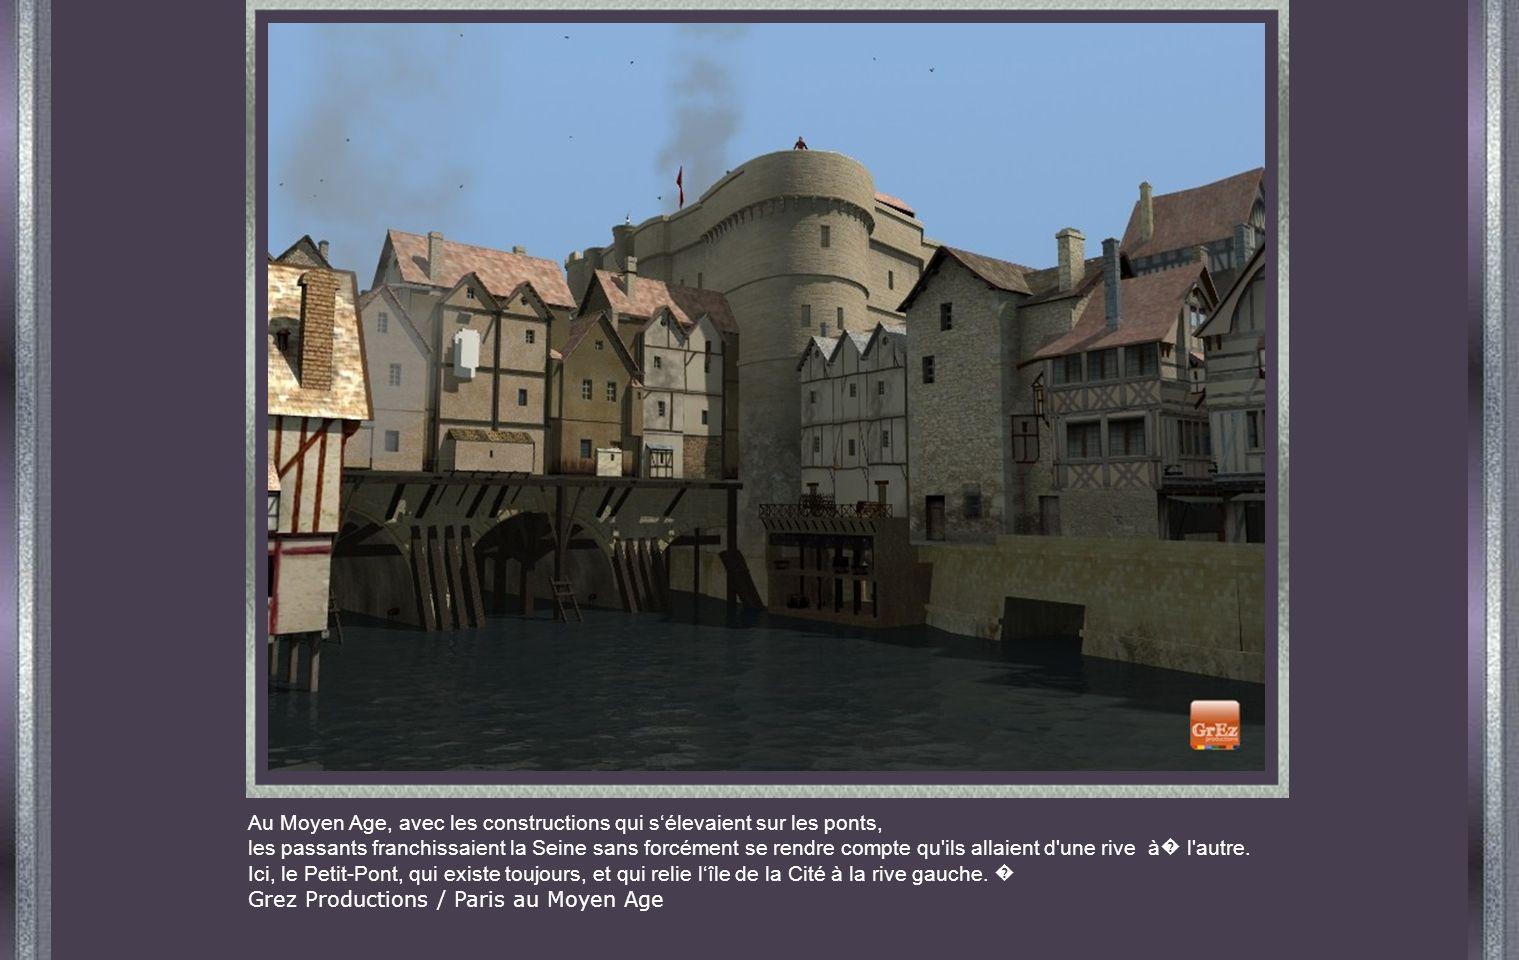 Au Moyen Age, avec les constructions qui sélevaient sur les ponts, les passants franchissaient la Seine sans forcément se rendre compte qu ils allaient d une rive à l autre.